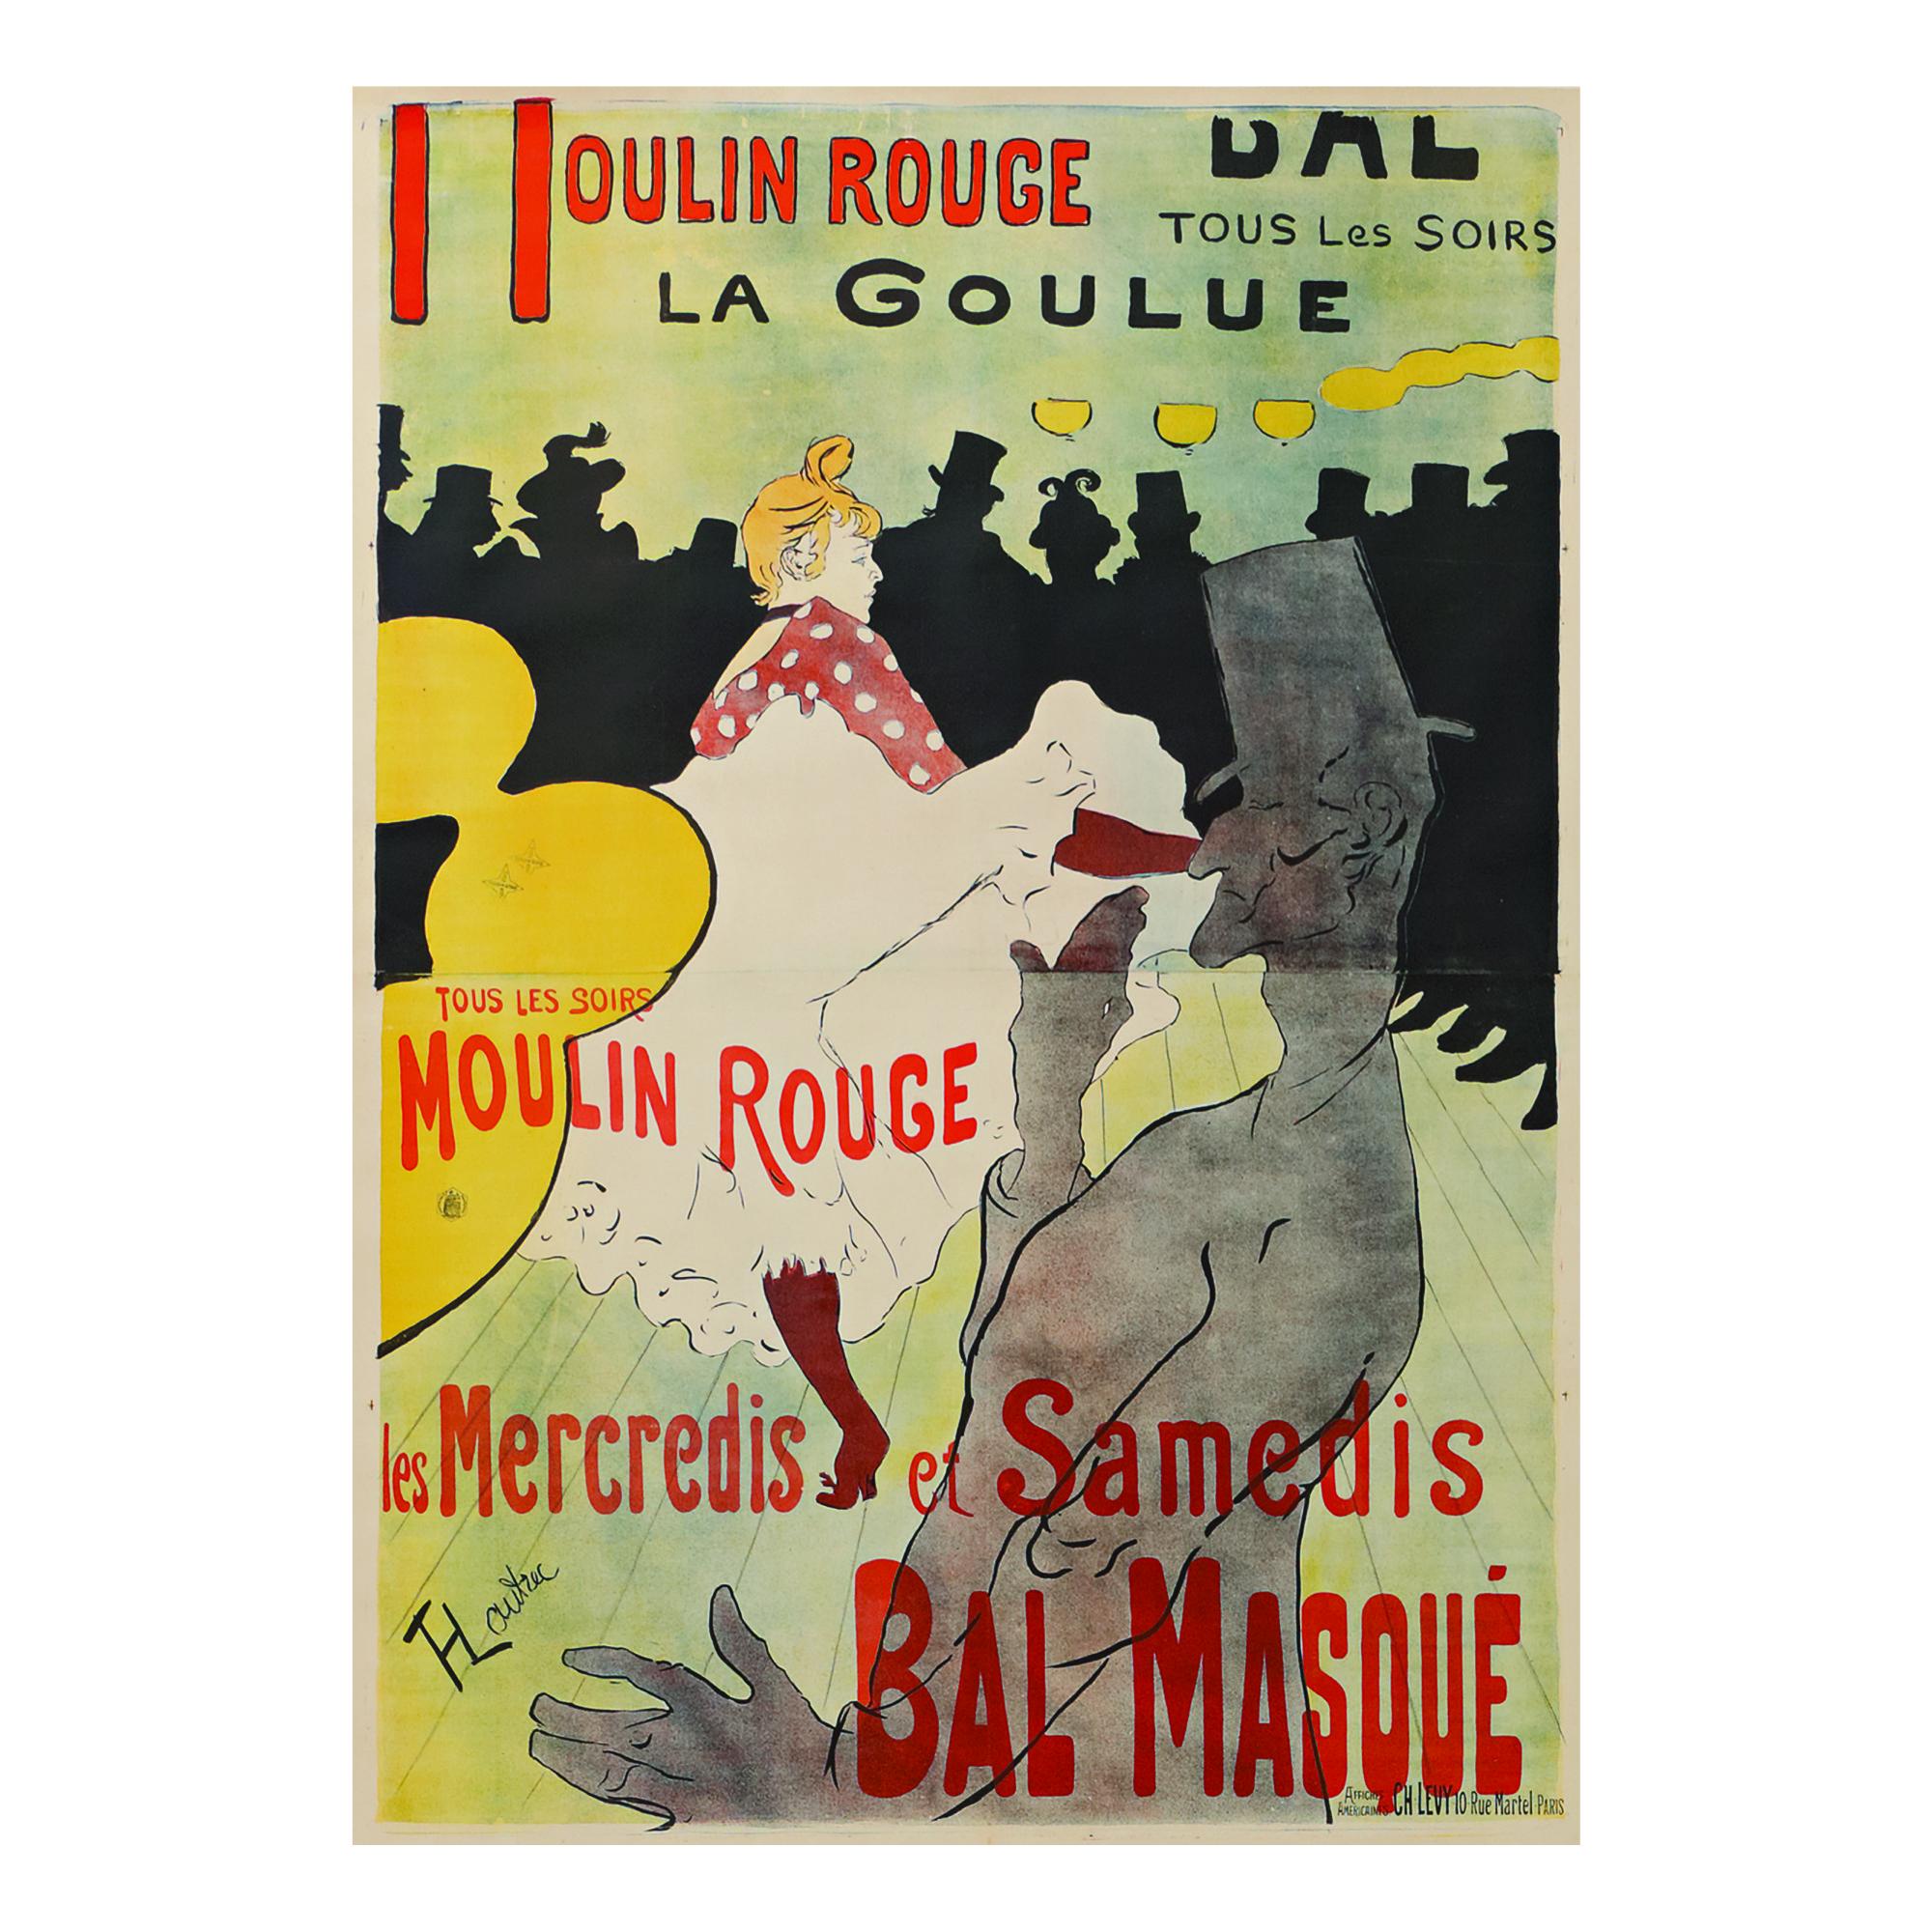 HENRI DE TOULOUSE-LAUTREC |  MOULIN ROUGE - LA GOULUE (D. 339; ADR. 1; W. P 1)